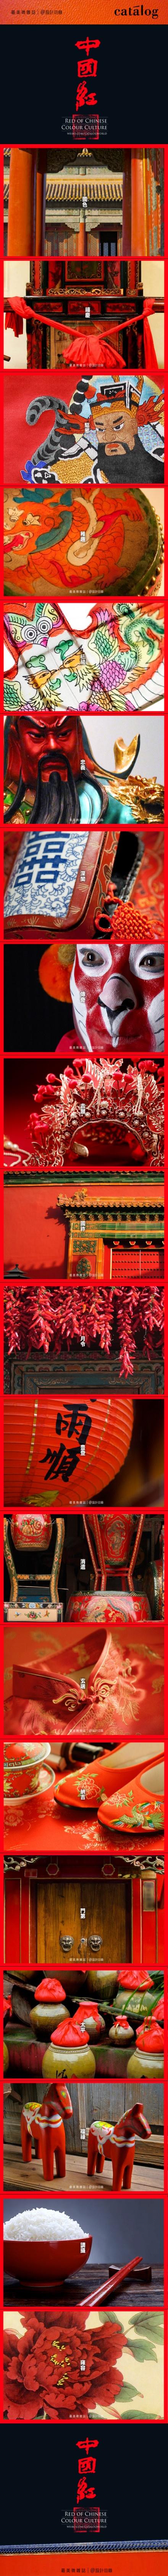 中國紅 | Red of Chinese Colour Culture